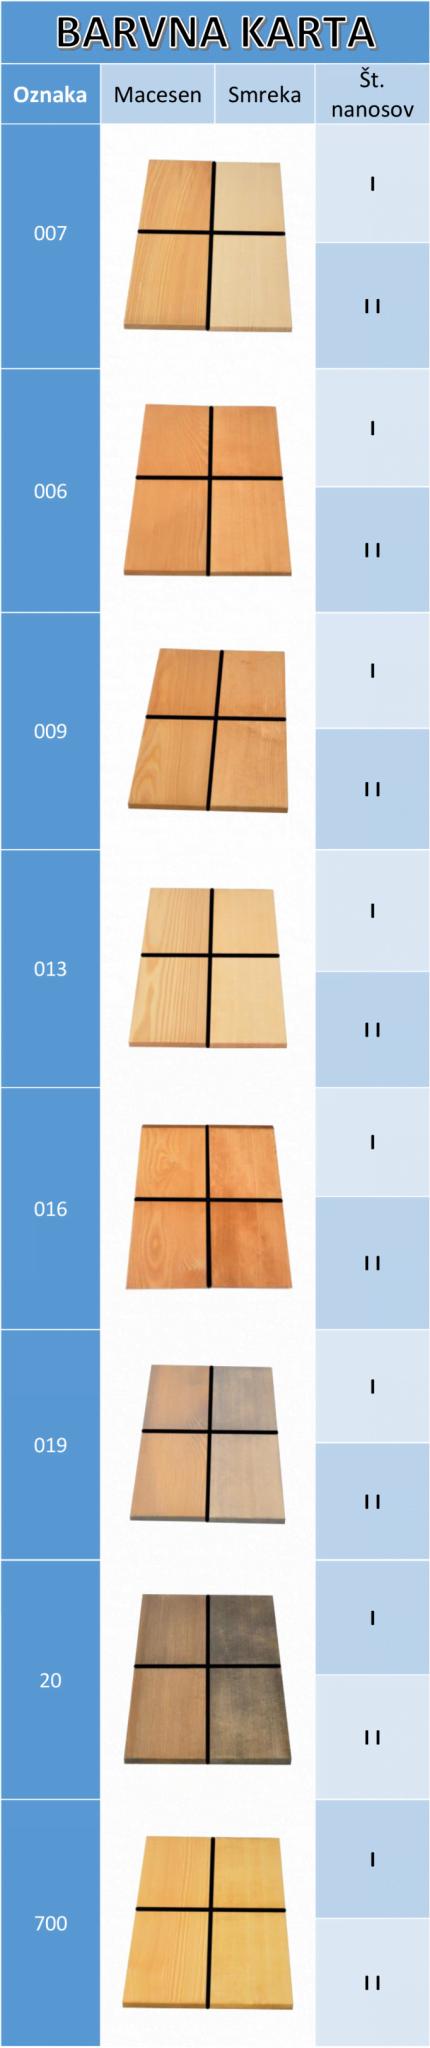 Barvna karta oljenje lesenih izdelkov 1